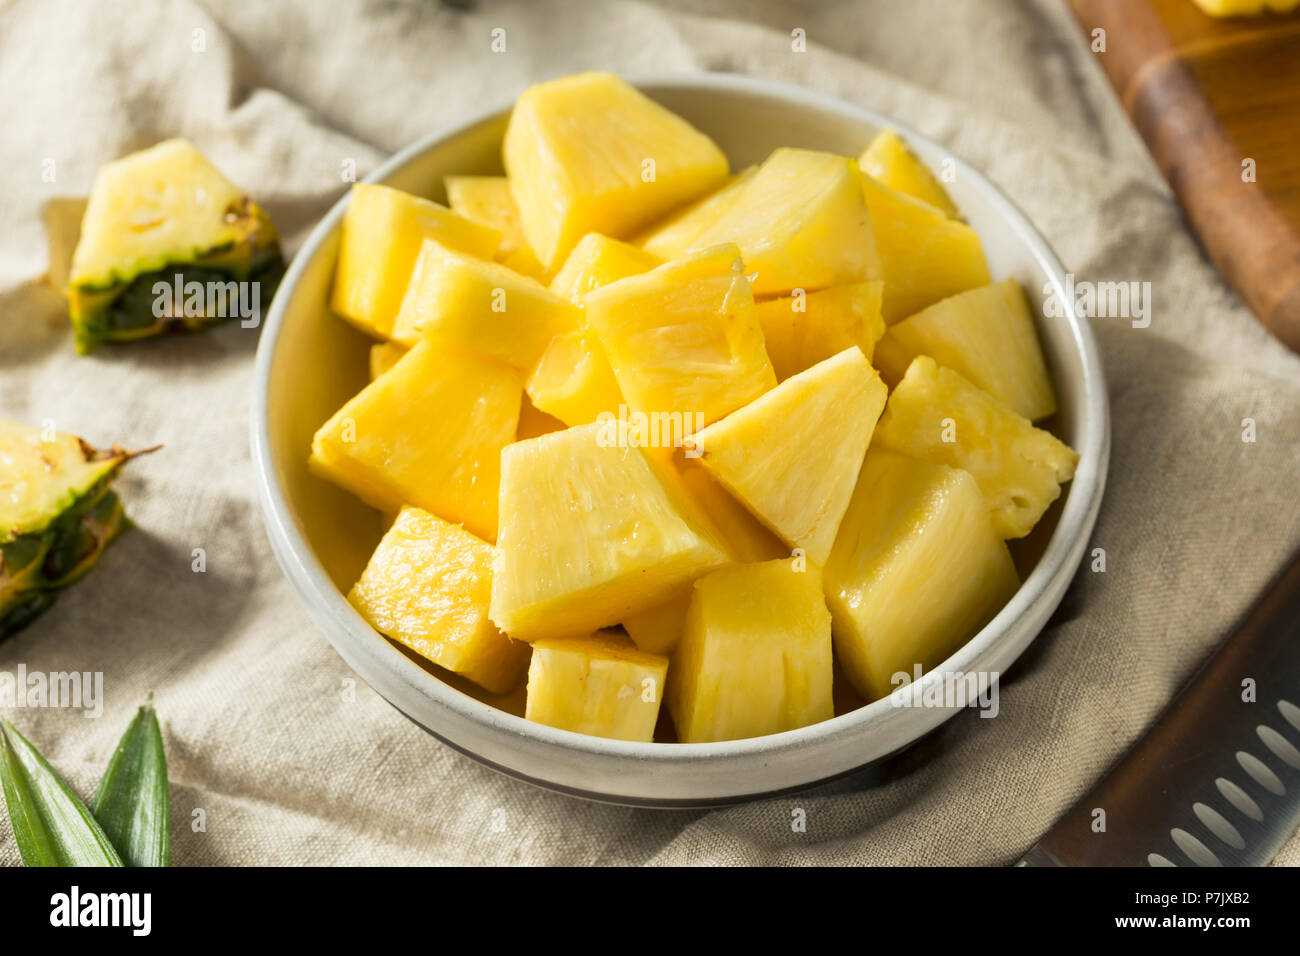 Materie organiche giallo fette di ananas pronto a mangiare Immagini Stock